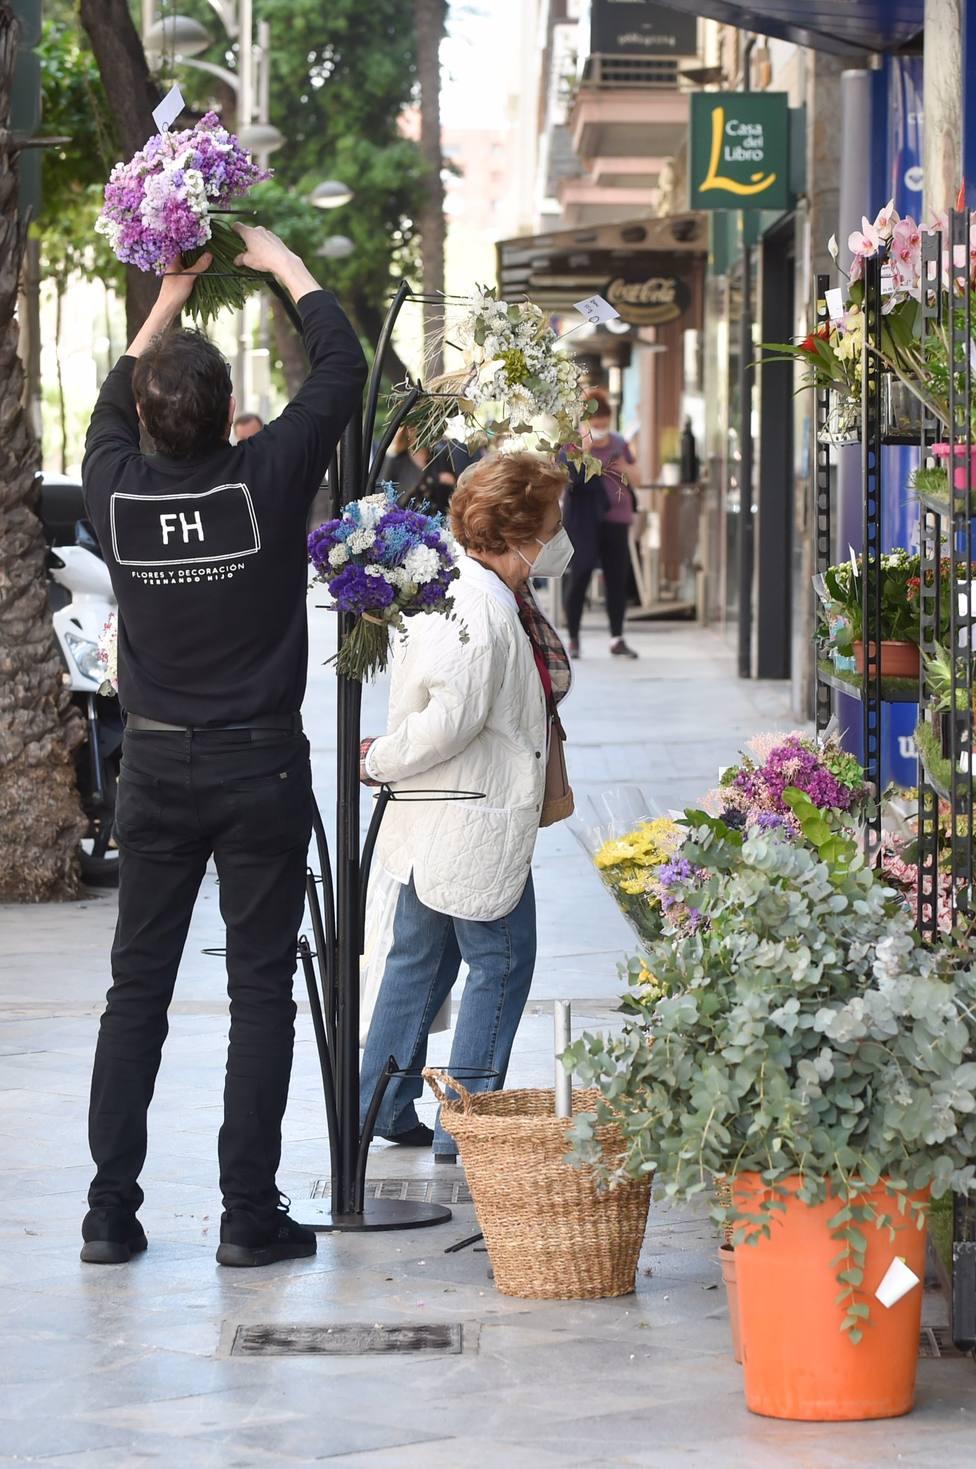 Las buenas previsiones económicas impulsan la confianza de los empresarios, según la Cámara de Comercio de Murcia